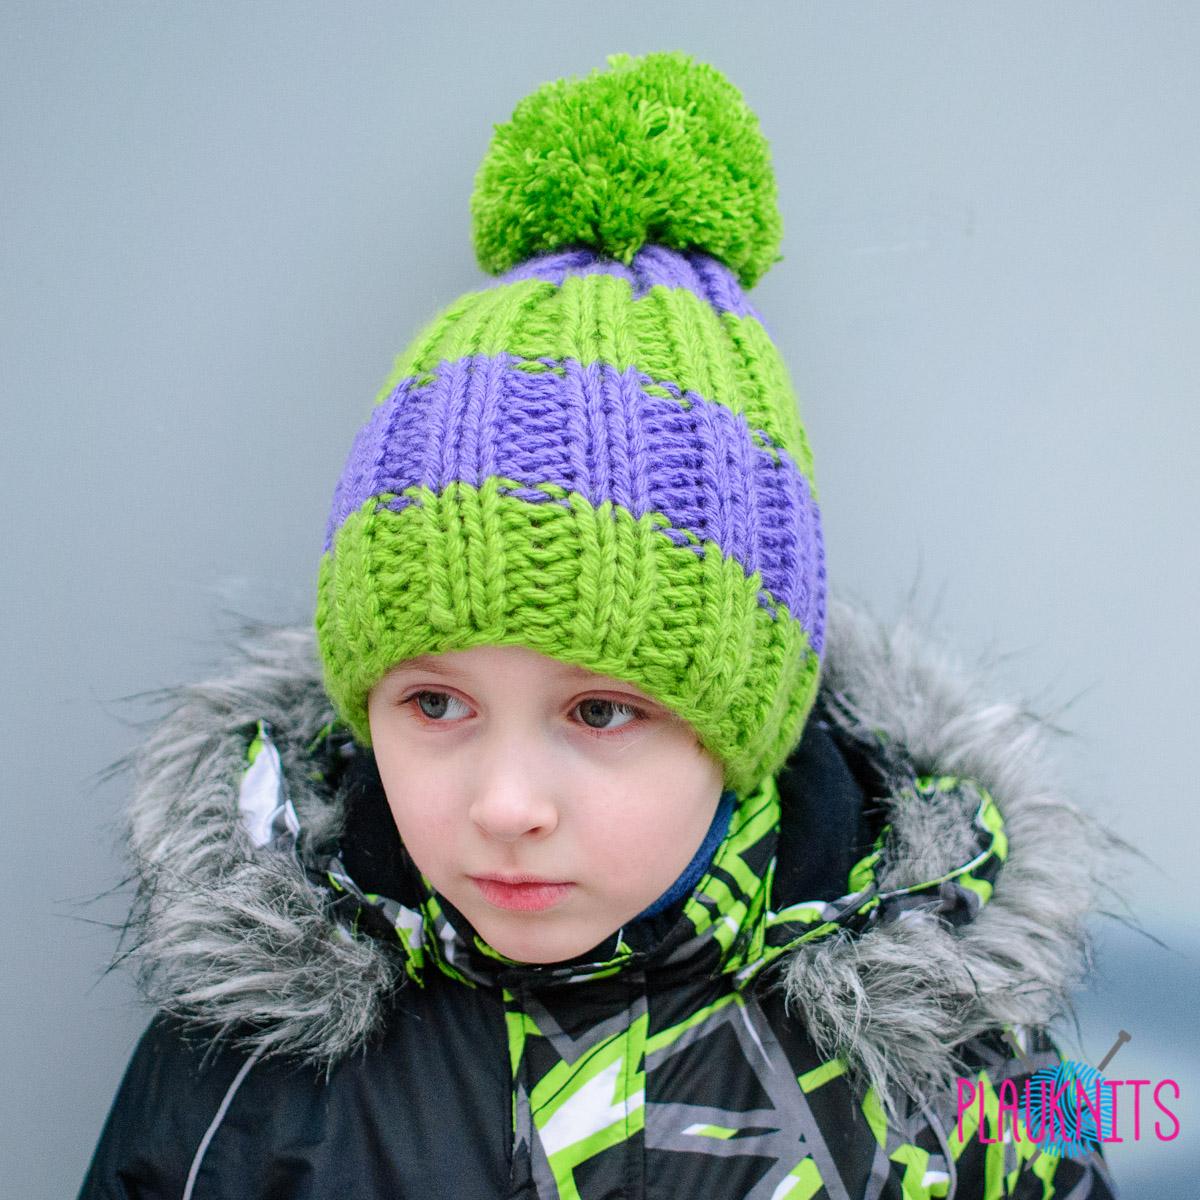 Сиренево-зелёная вязаная шапка с помпоном Орбиталь